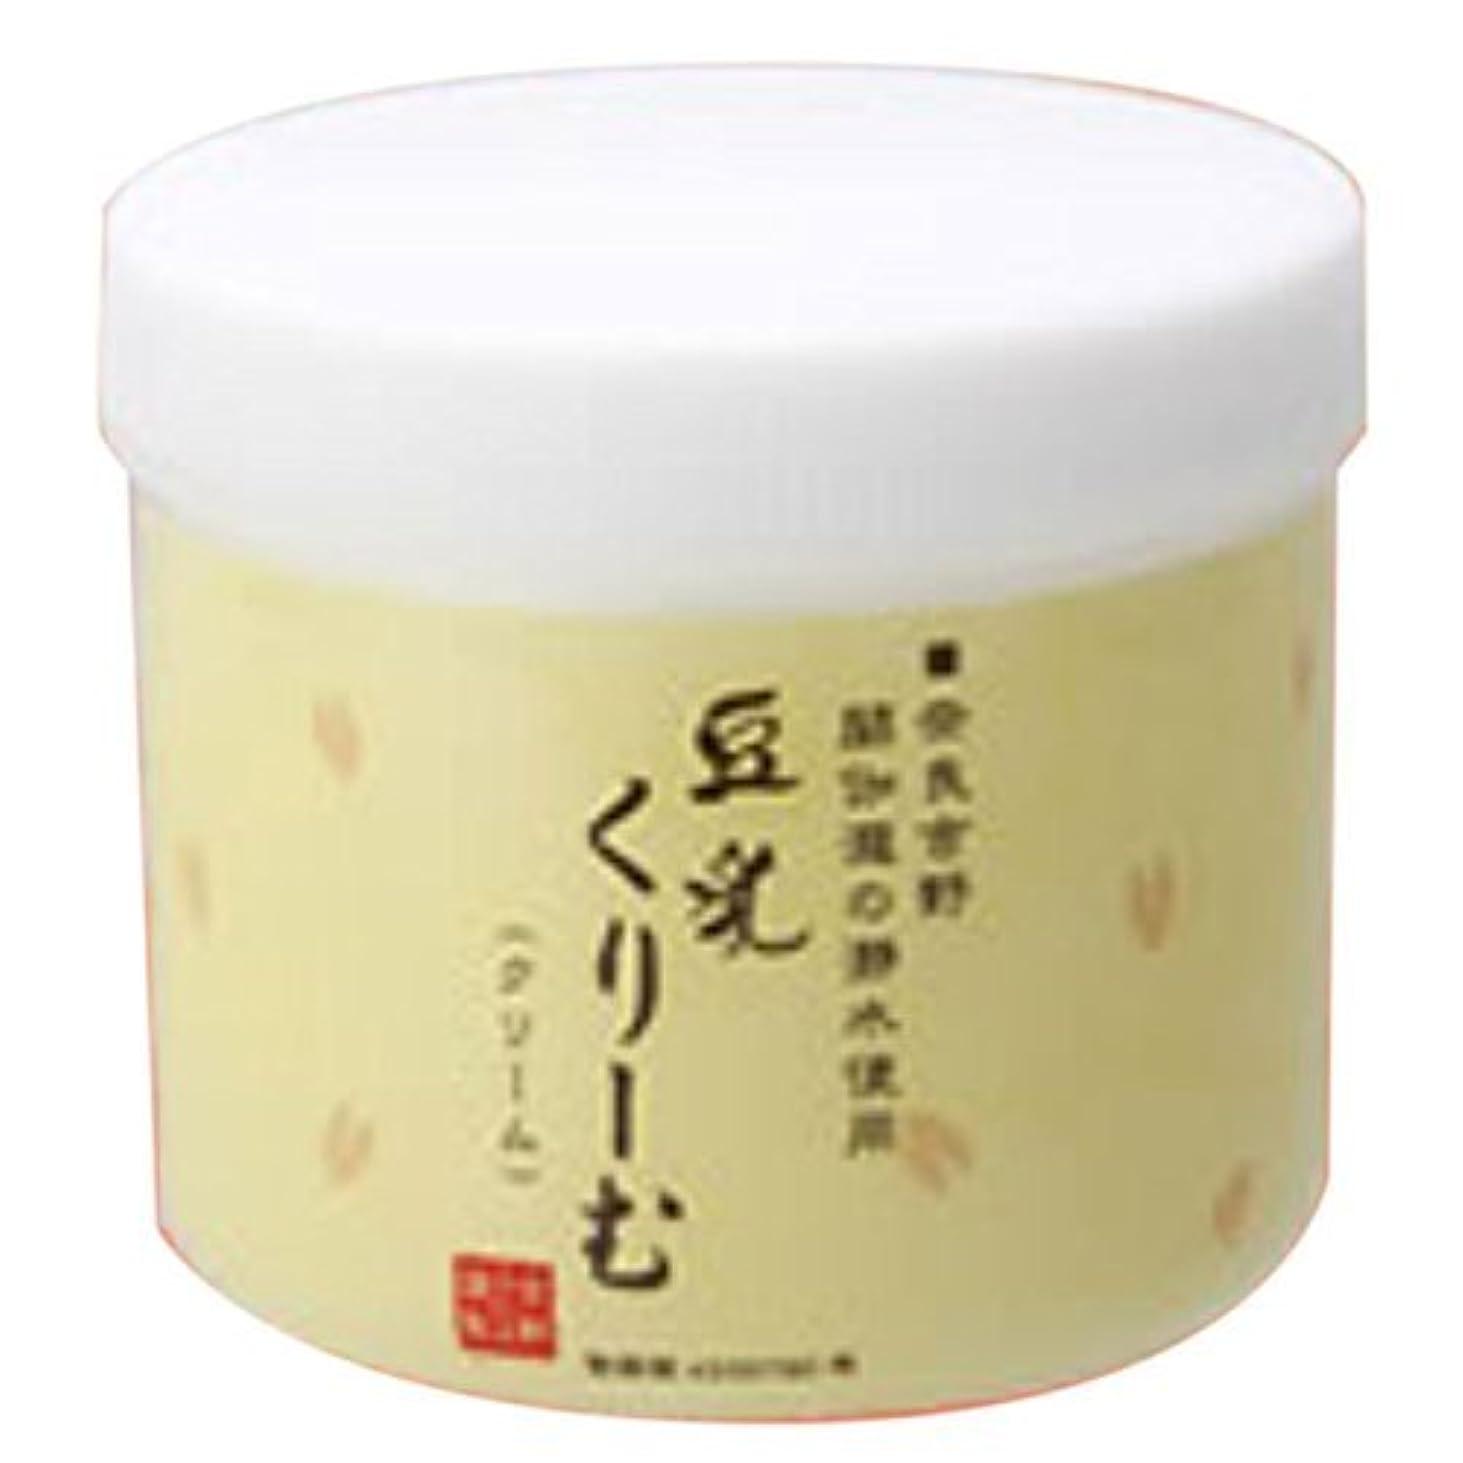 新着タイプライターエンゲージメント吉野ふじや謹製 とうにゅうくりーむ (豆乳美容クリーム)